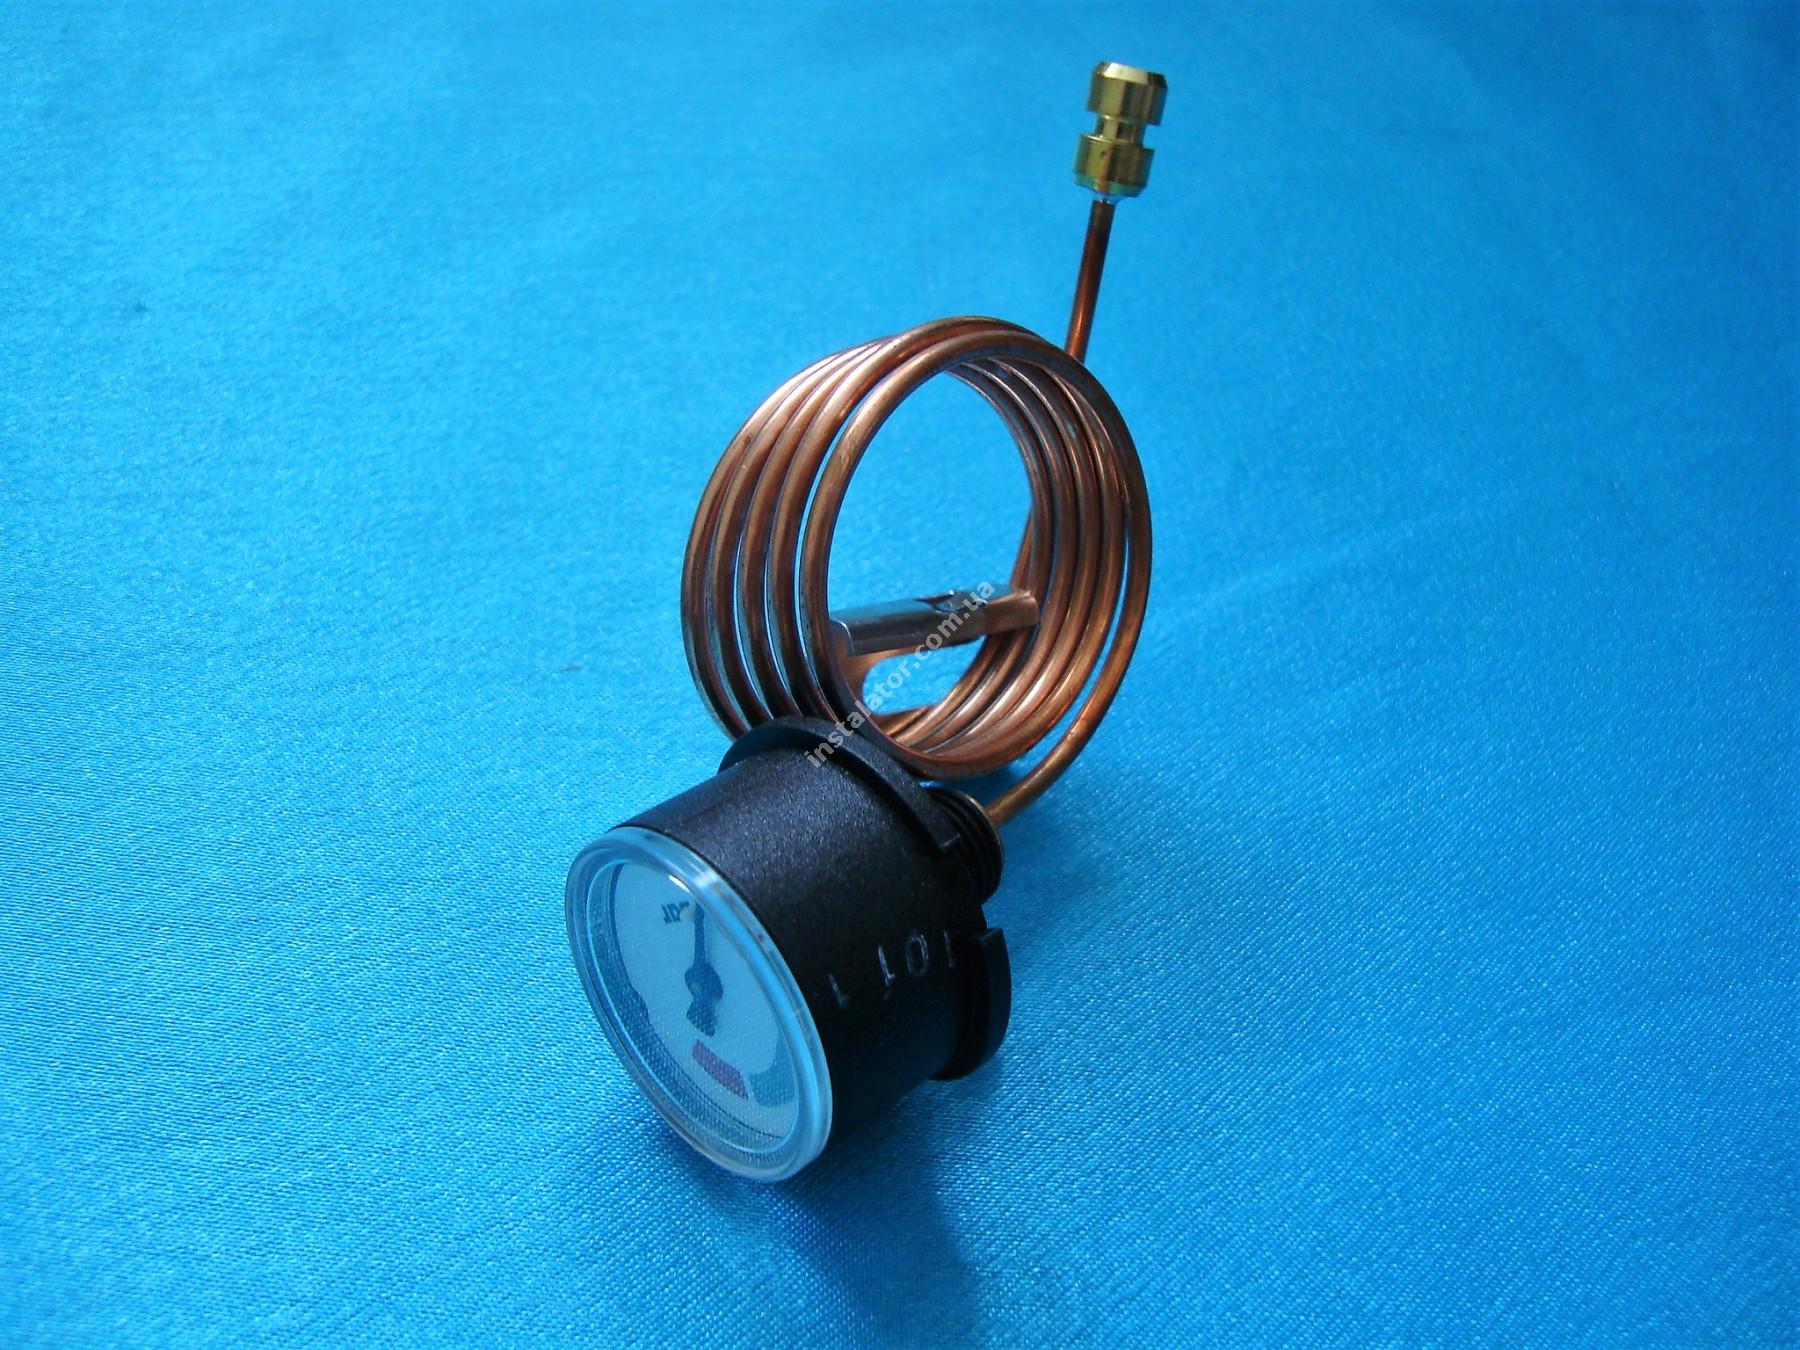 180982 Манометр VAILLANT АtmoTEC Pro, Turbo TEC pro, АtmoTEC plus, Turbo TEC plus  full-image-2